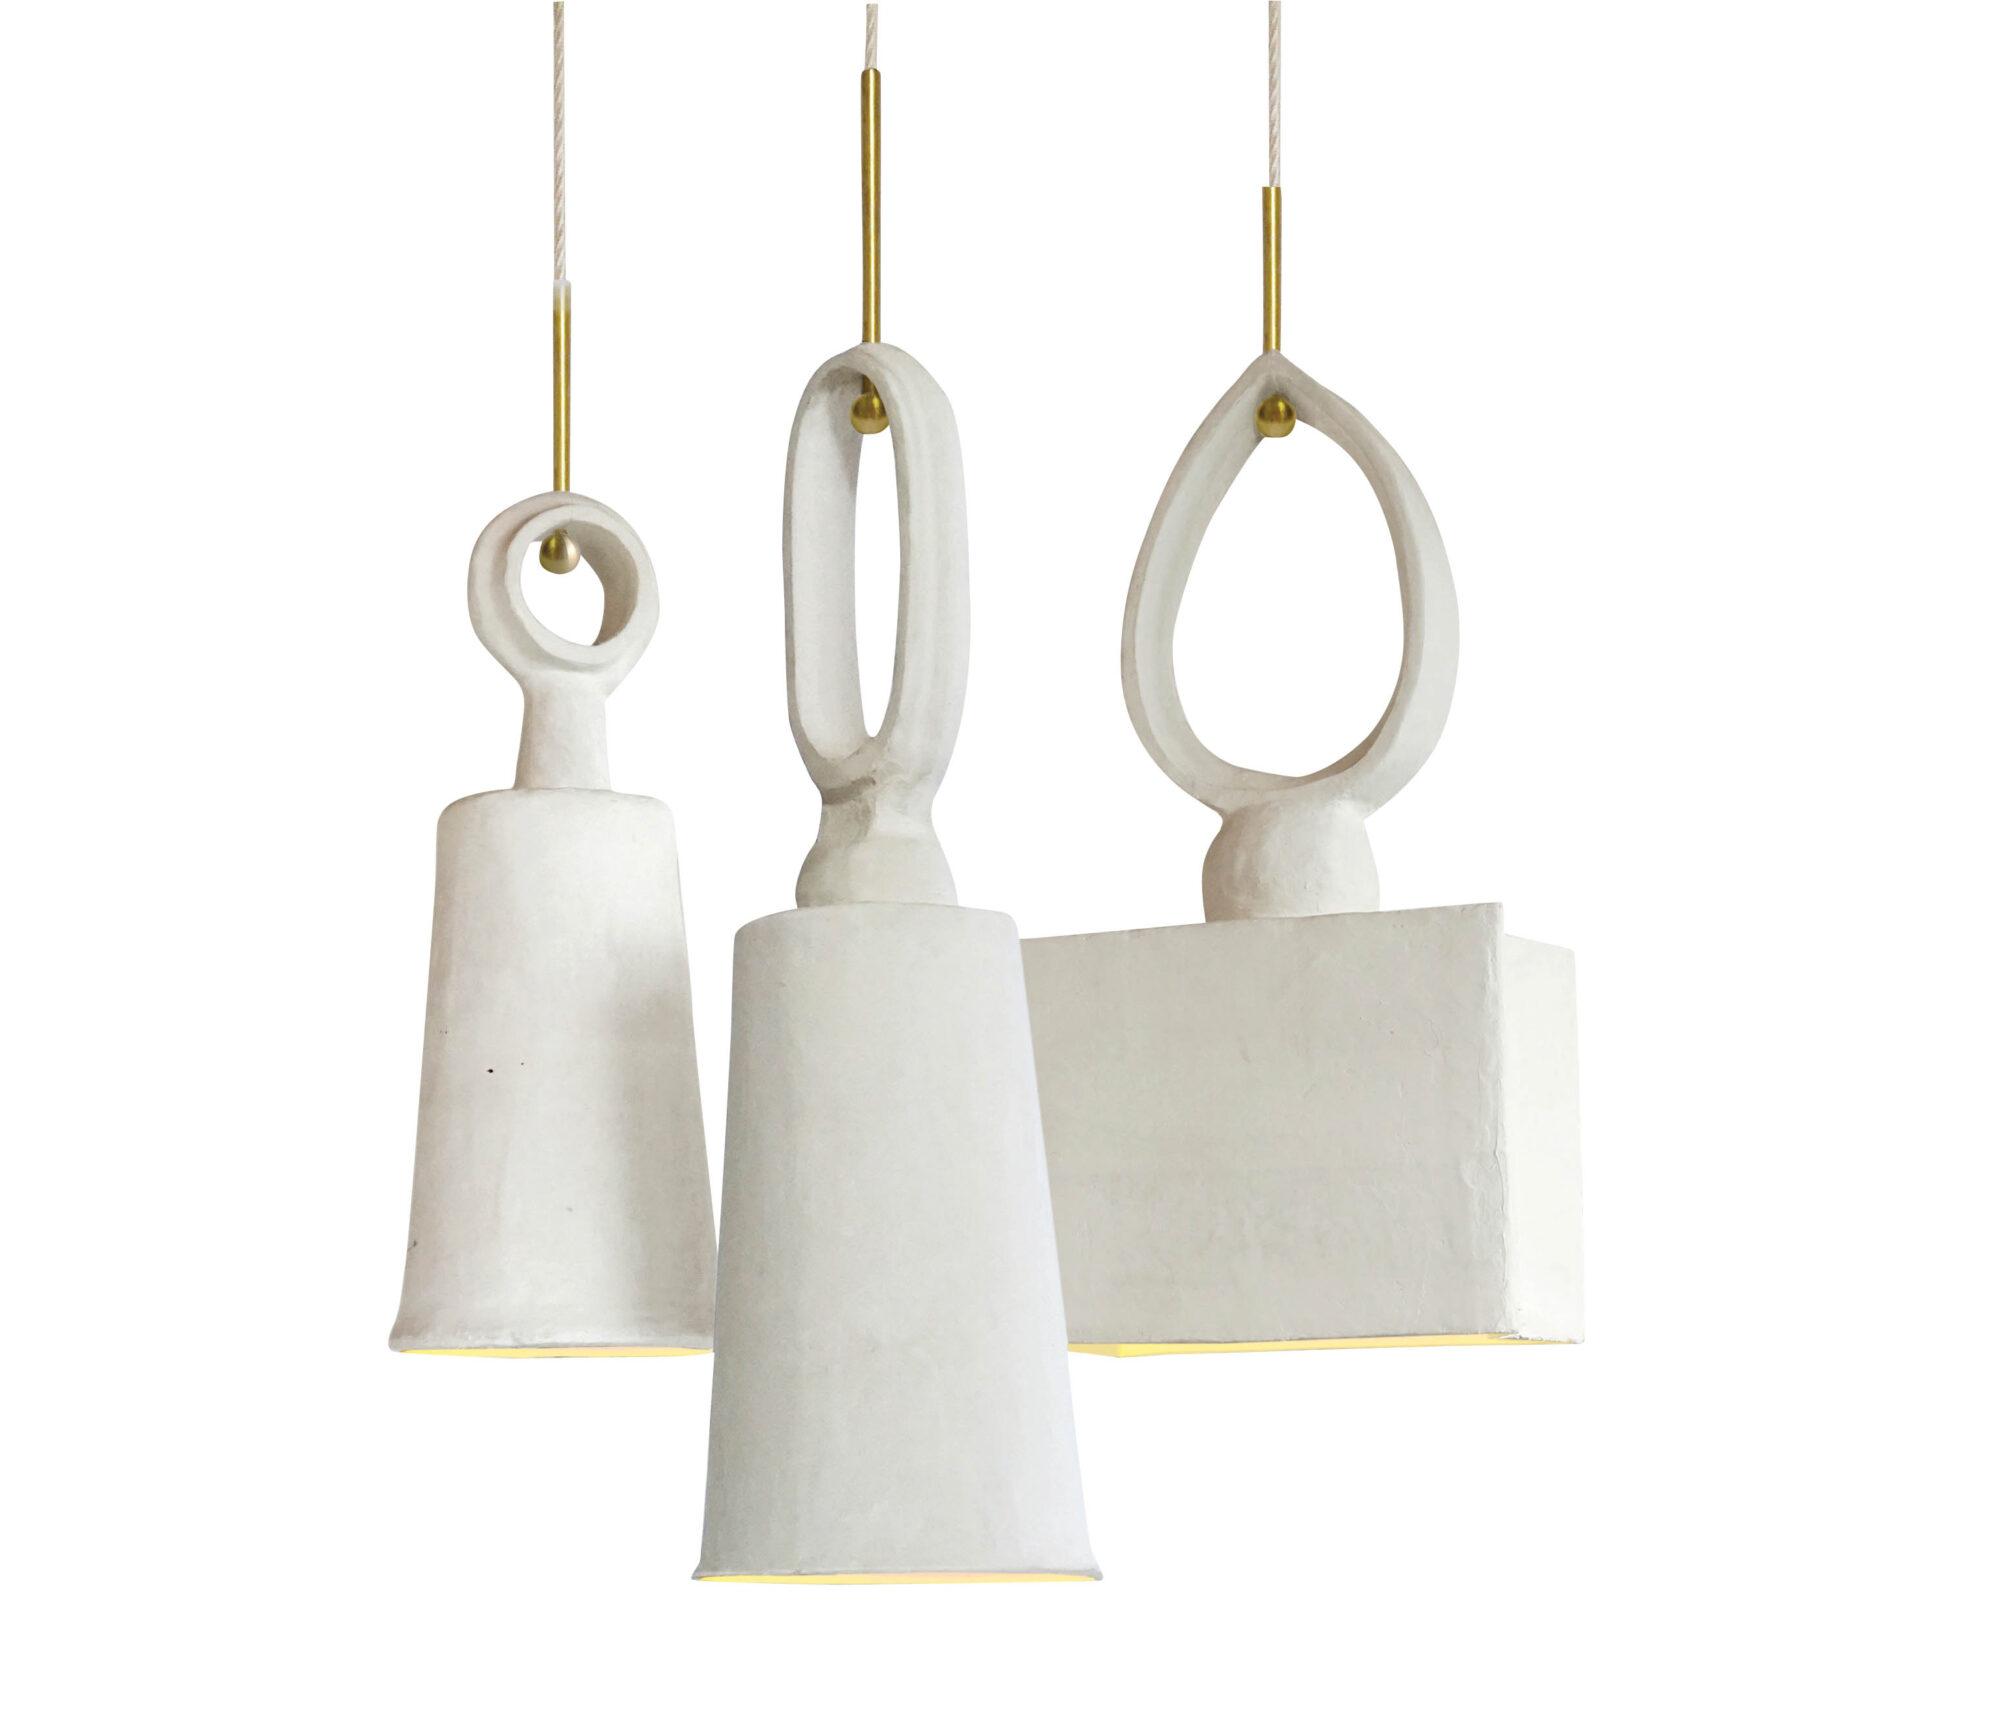 White plaster light fixture